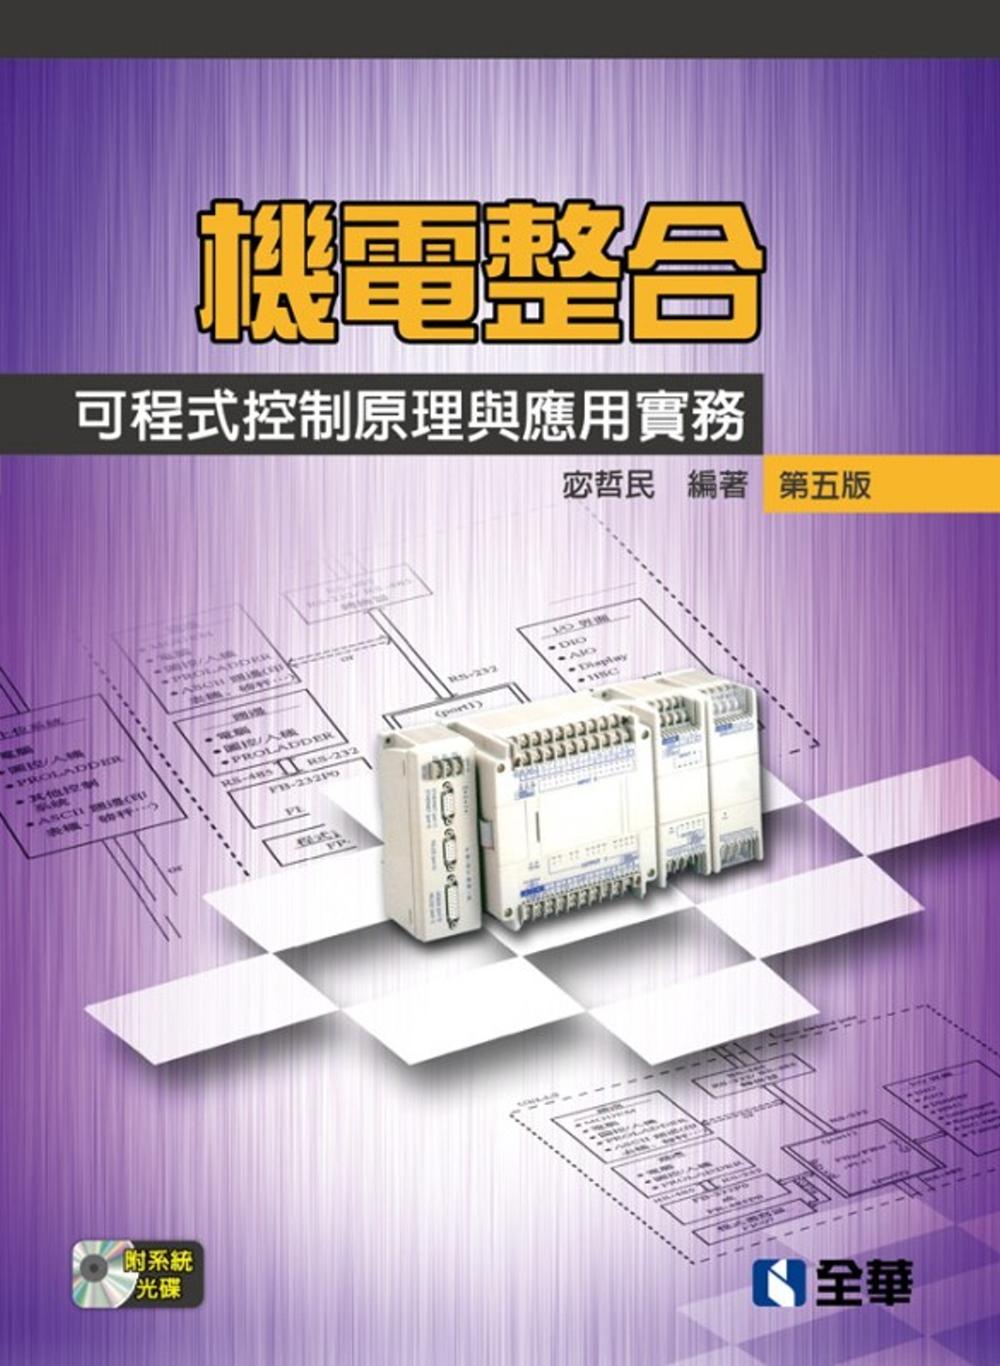 機電整合:可程式控制原理與應用實務(第五版)(附系統光碟)